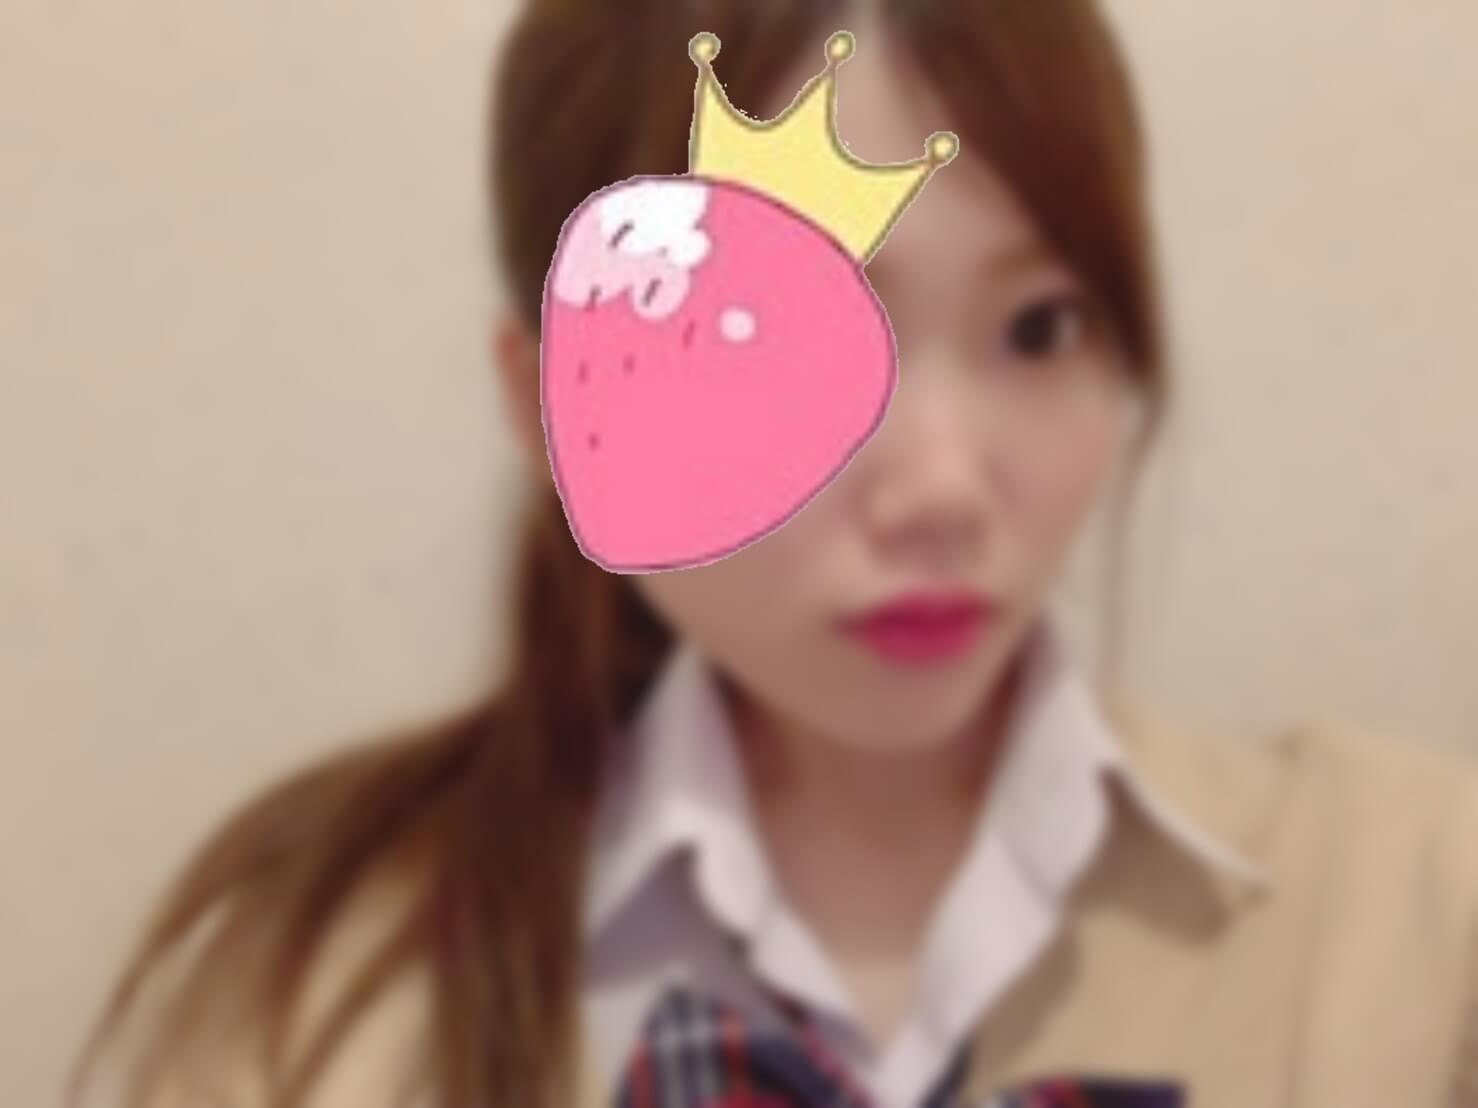 完全未経験☆ミニマム美少女『さくらちゃん』ご案内可能です☆彡 JKプレイ